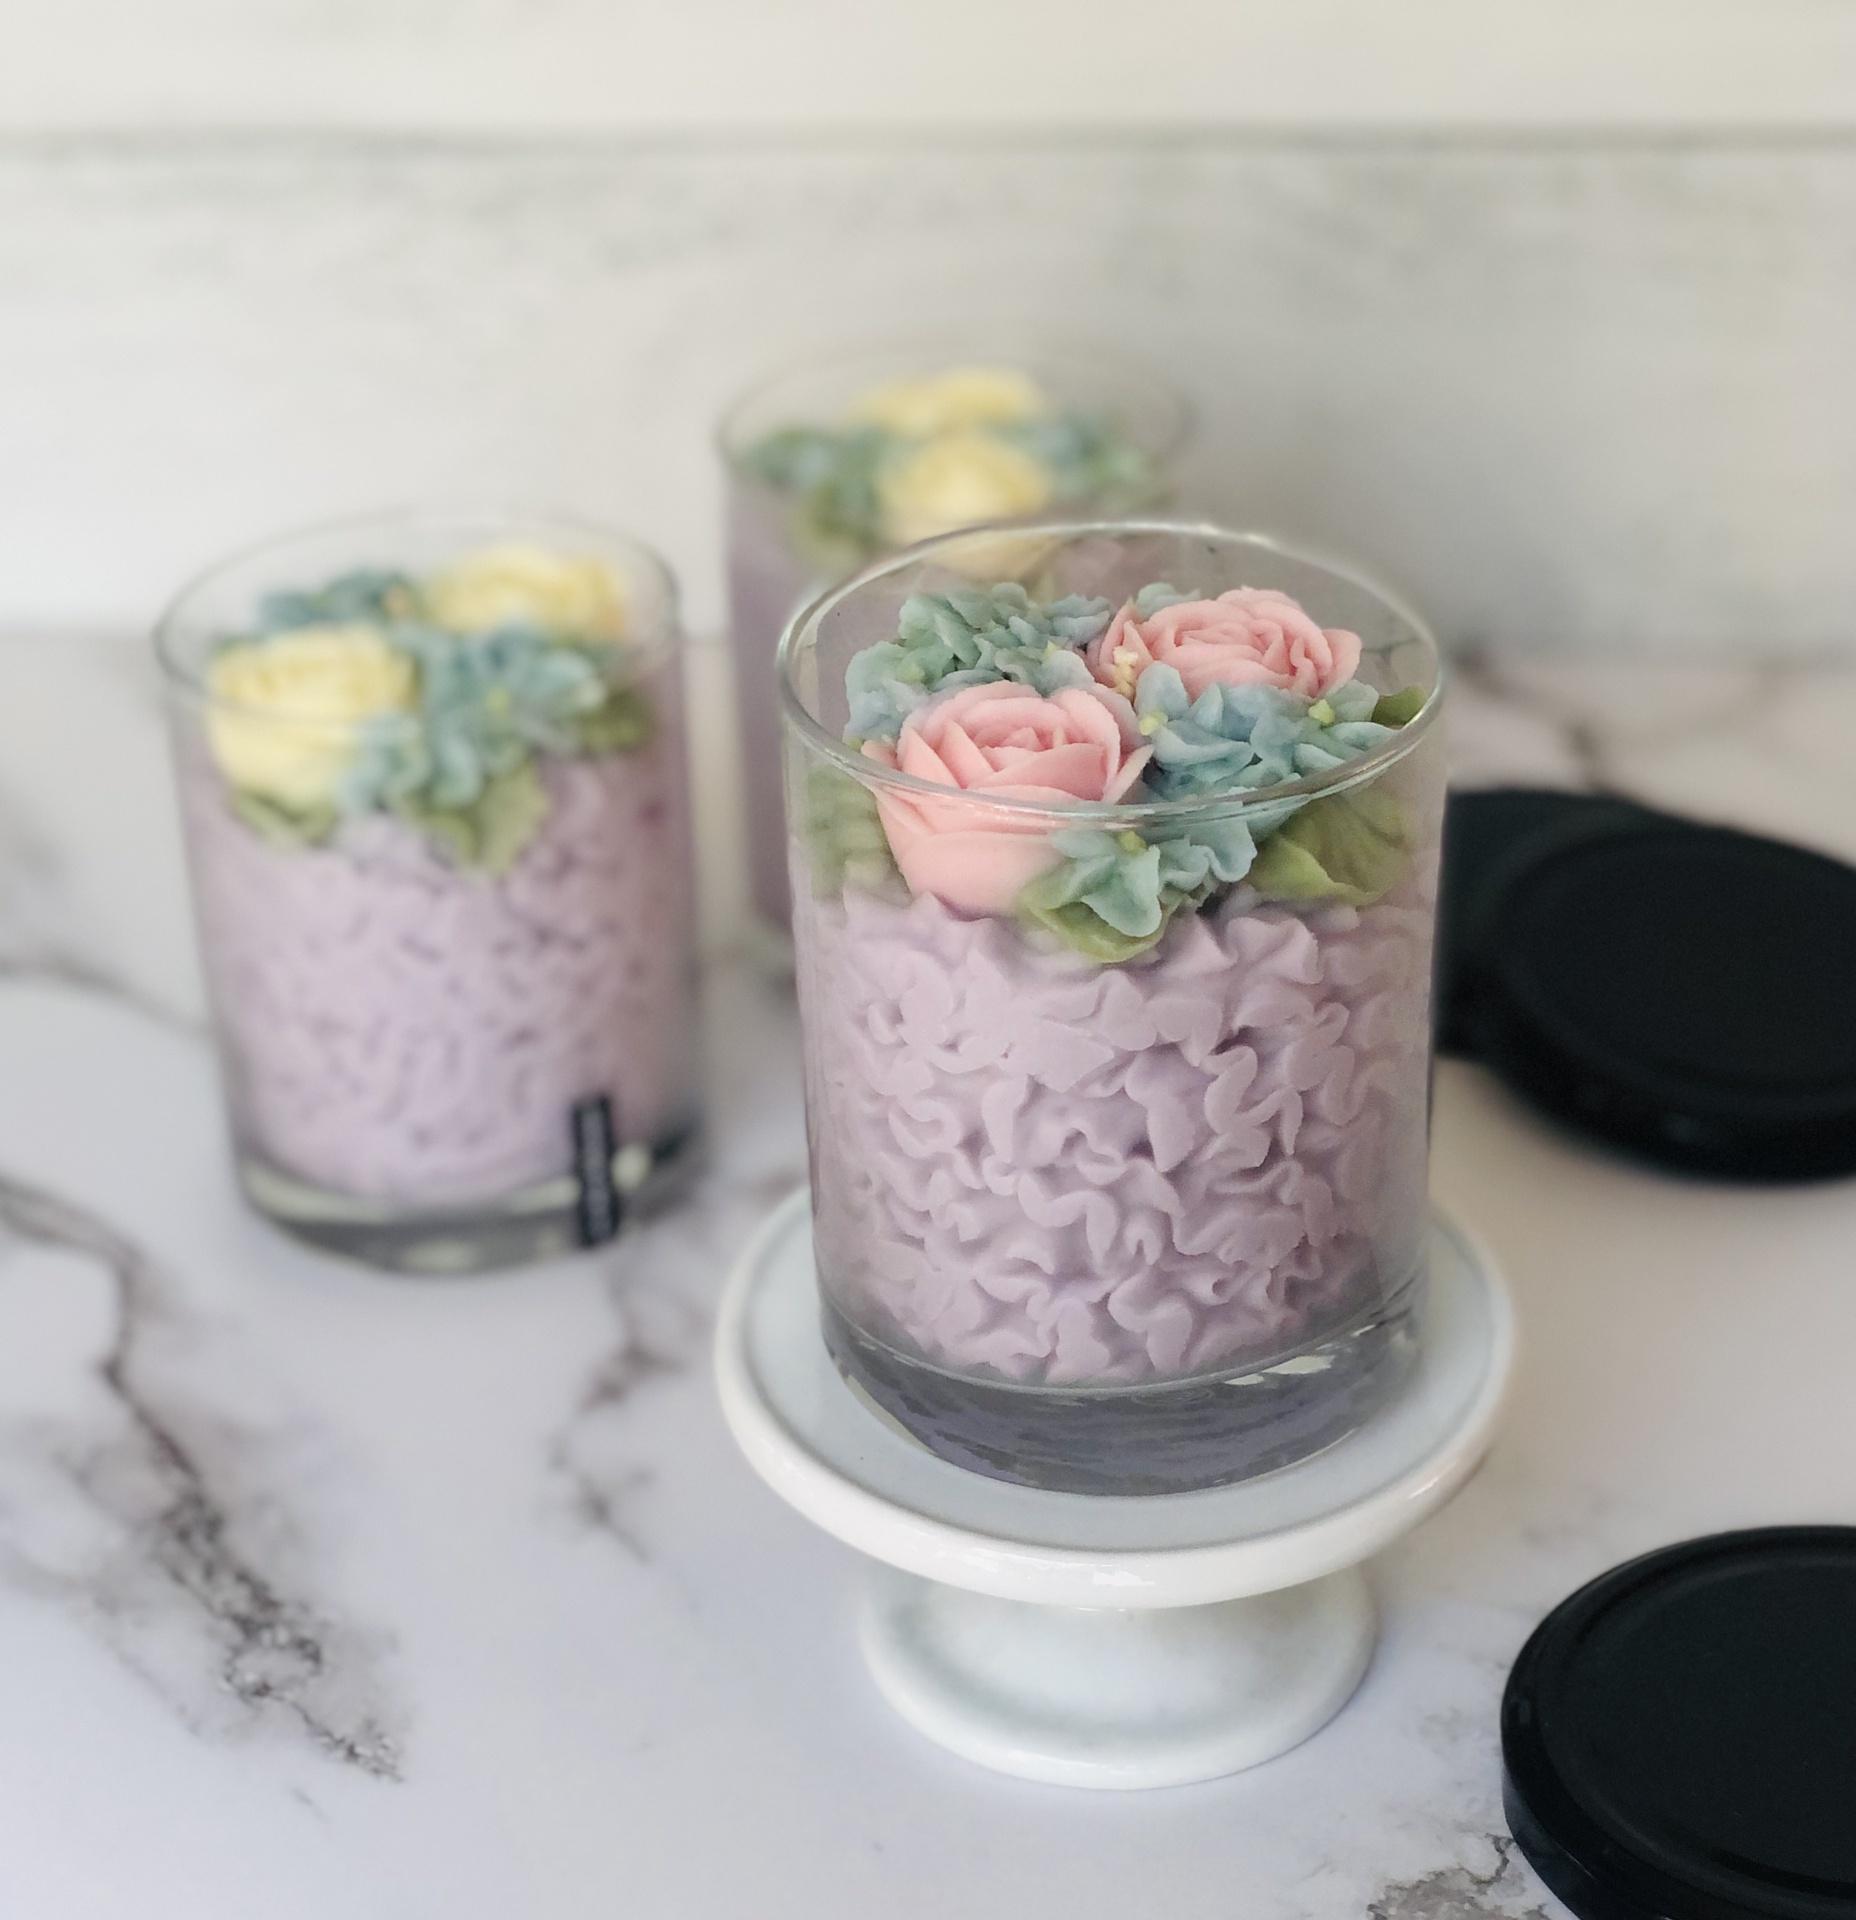 Baked by Olga Floral Candle, Med Frisée--CHOOSE SCENT/COLOR